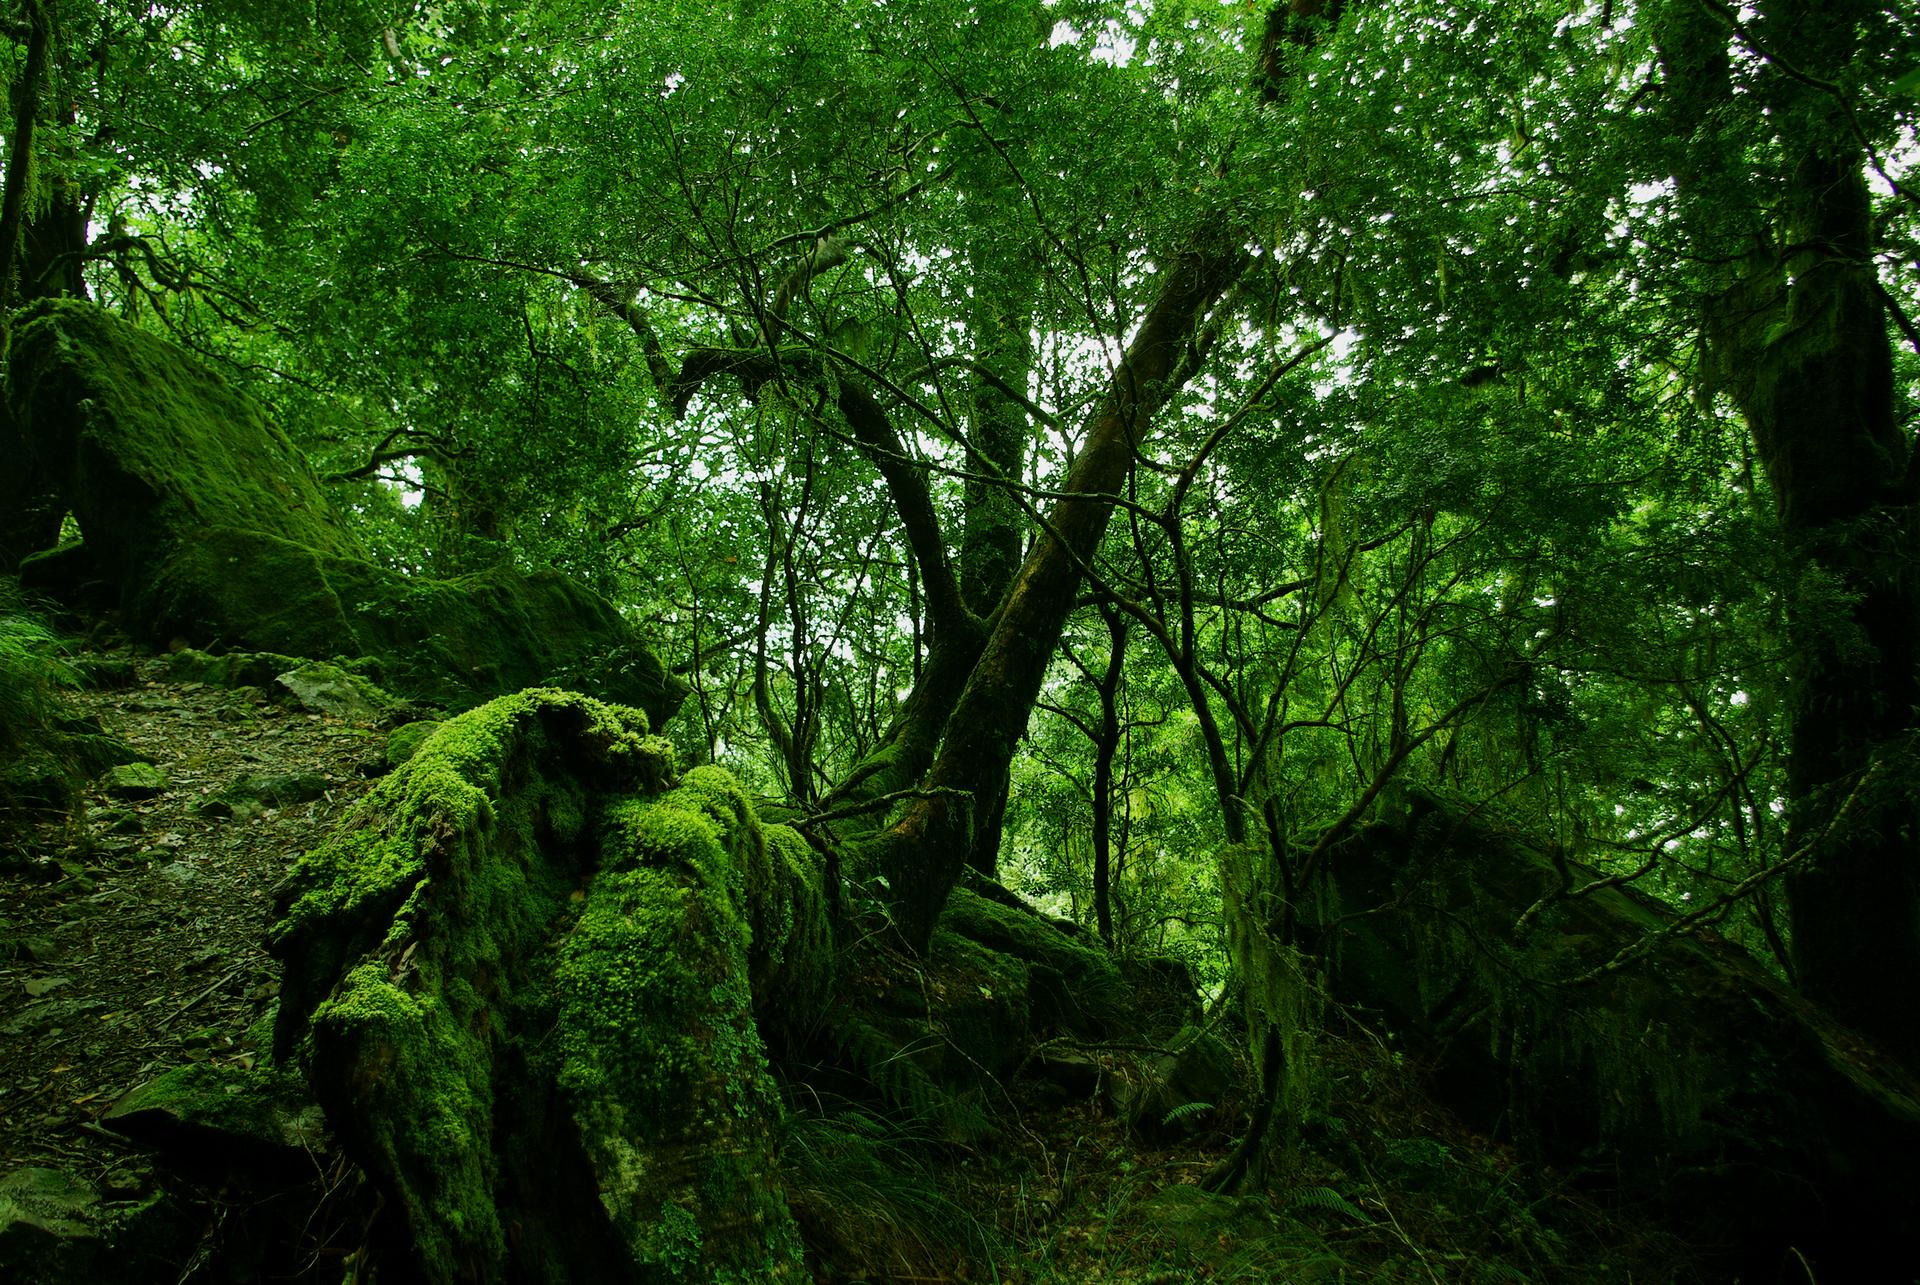 Fotografia czwarta prezentuje dno lasu porośnięte mchami.